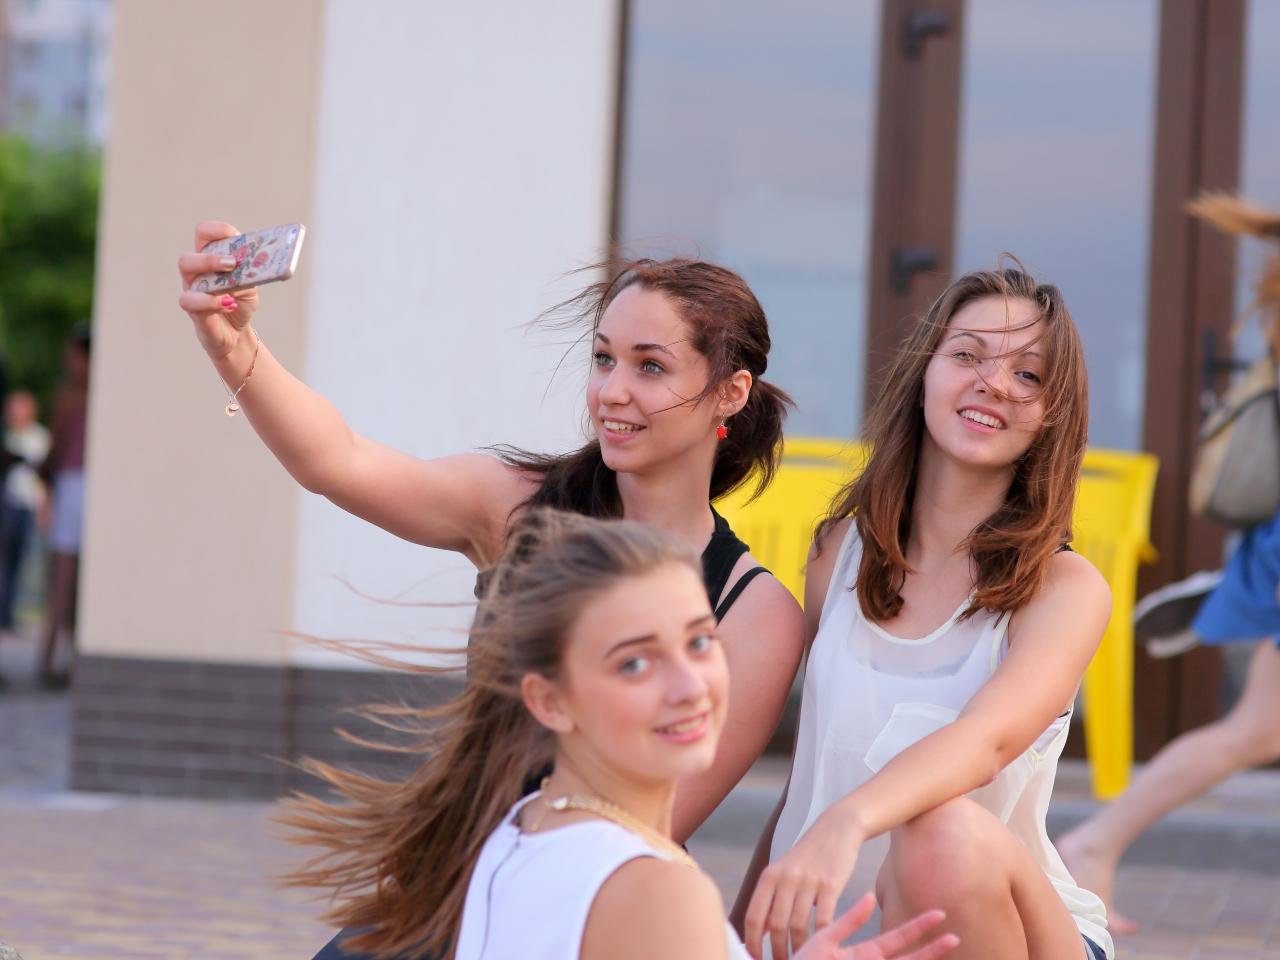 Selfie de chicas bellas - 1280x960